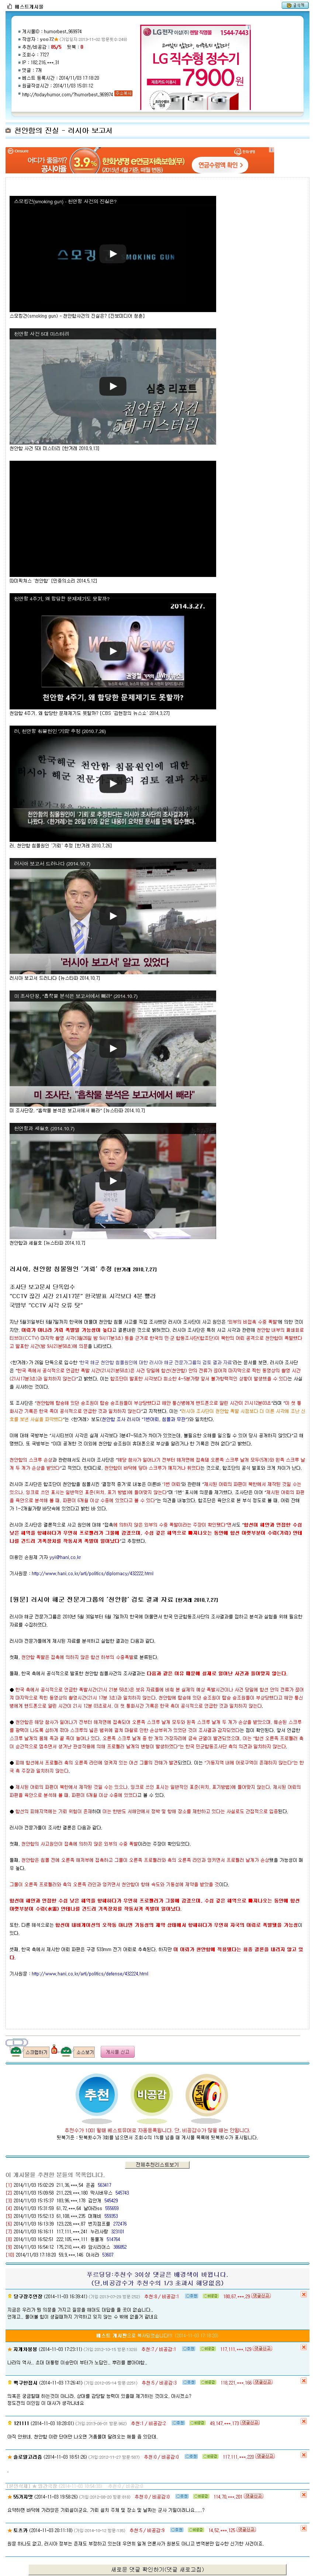 최근 '오늘의 유머'의 천안함 피격 사건 관련 동향